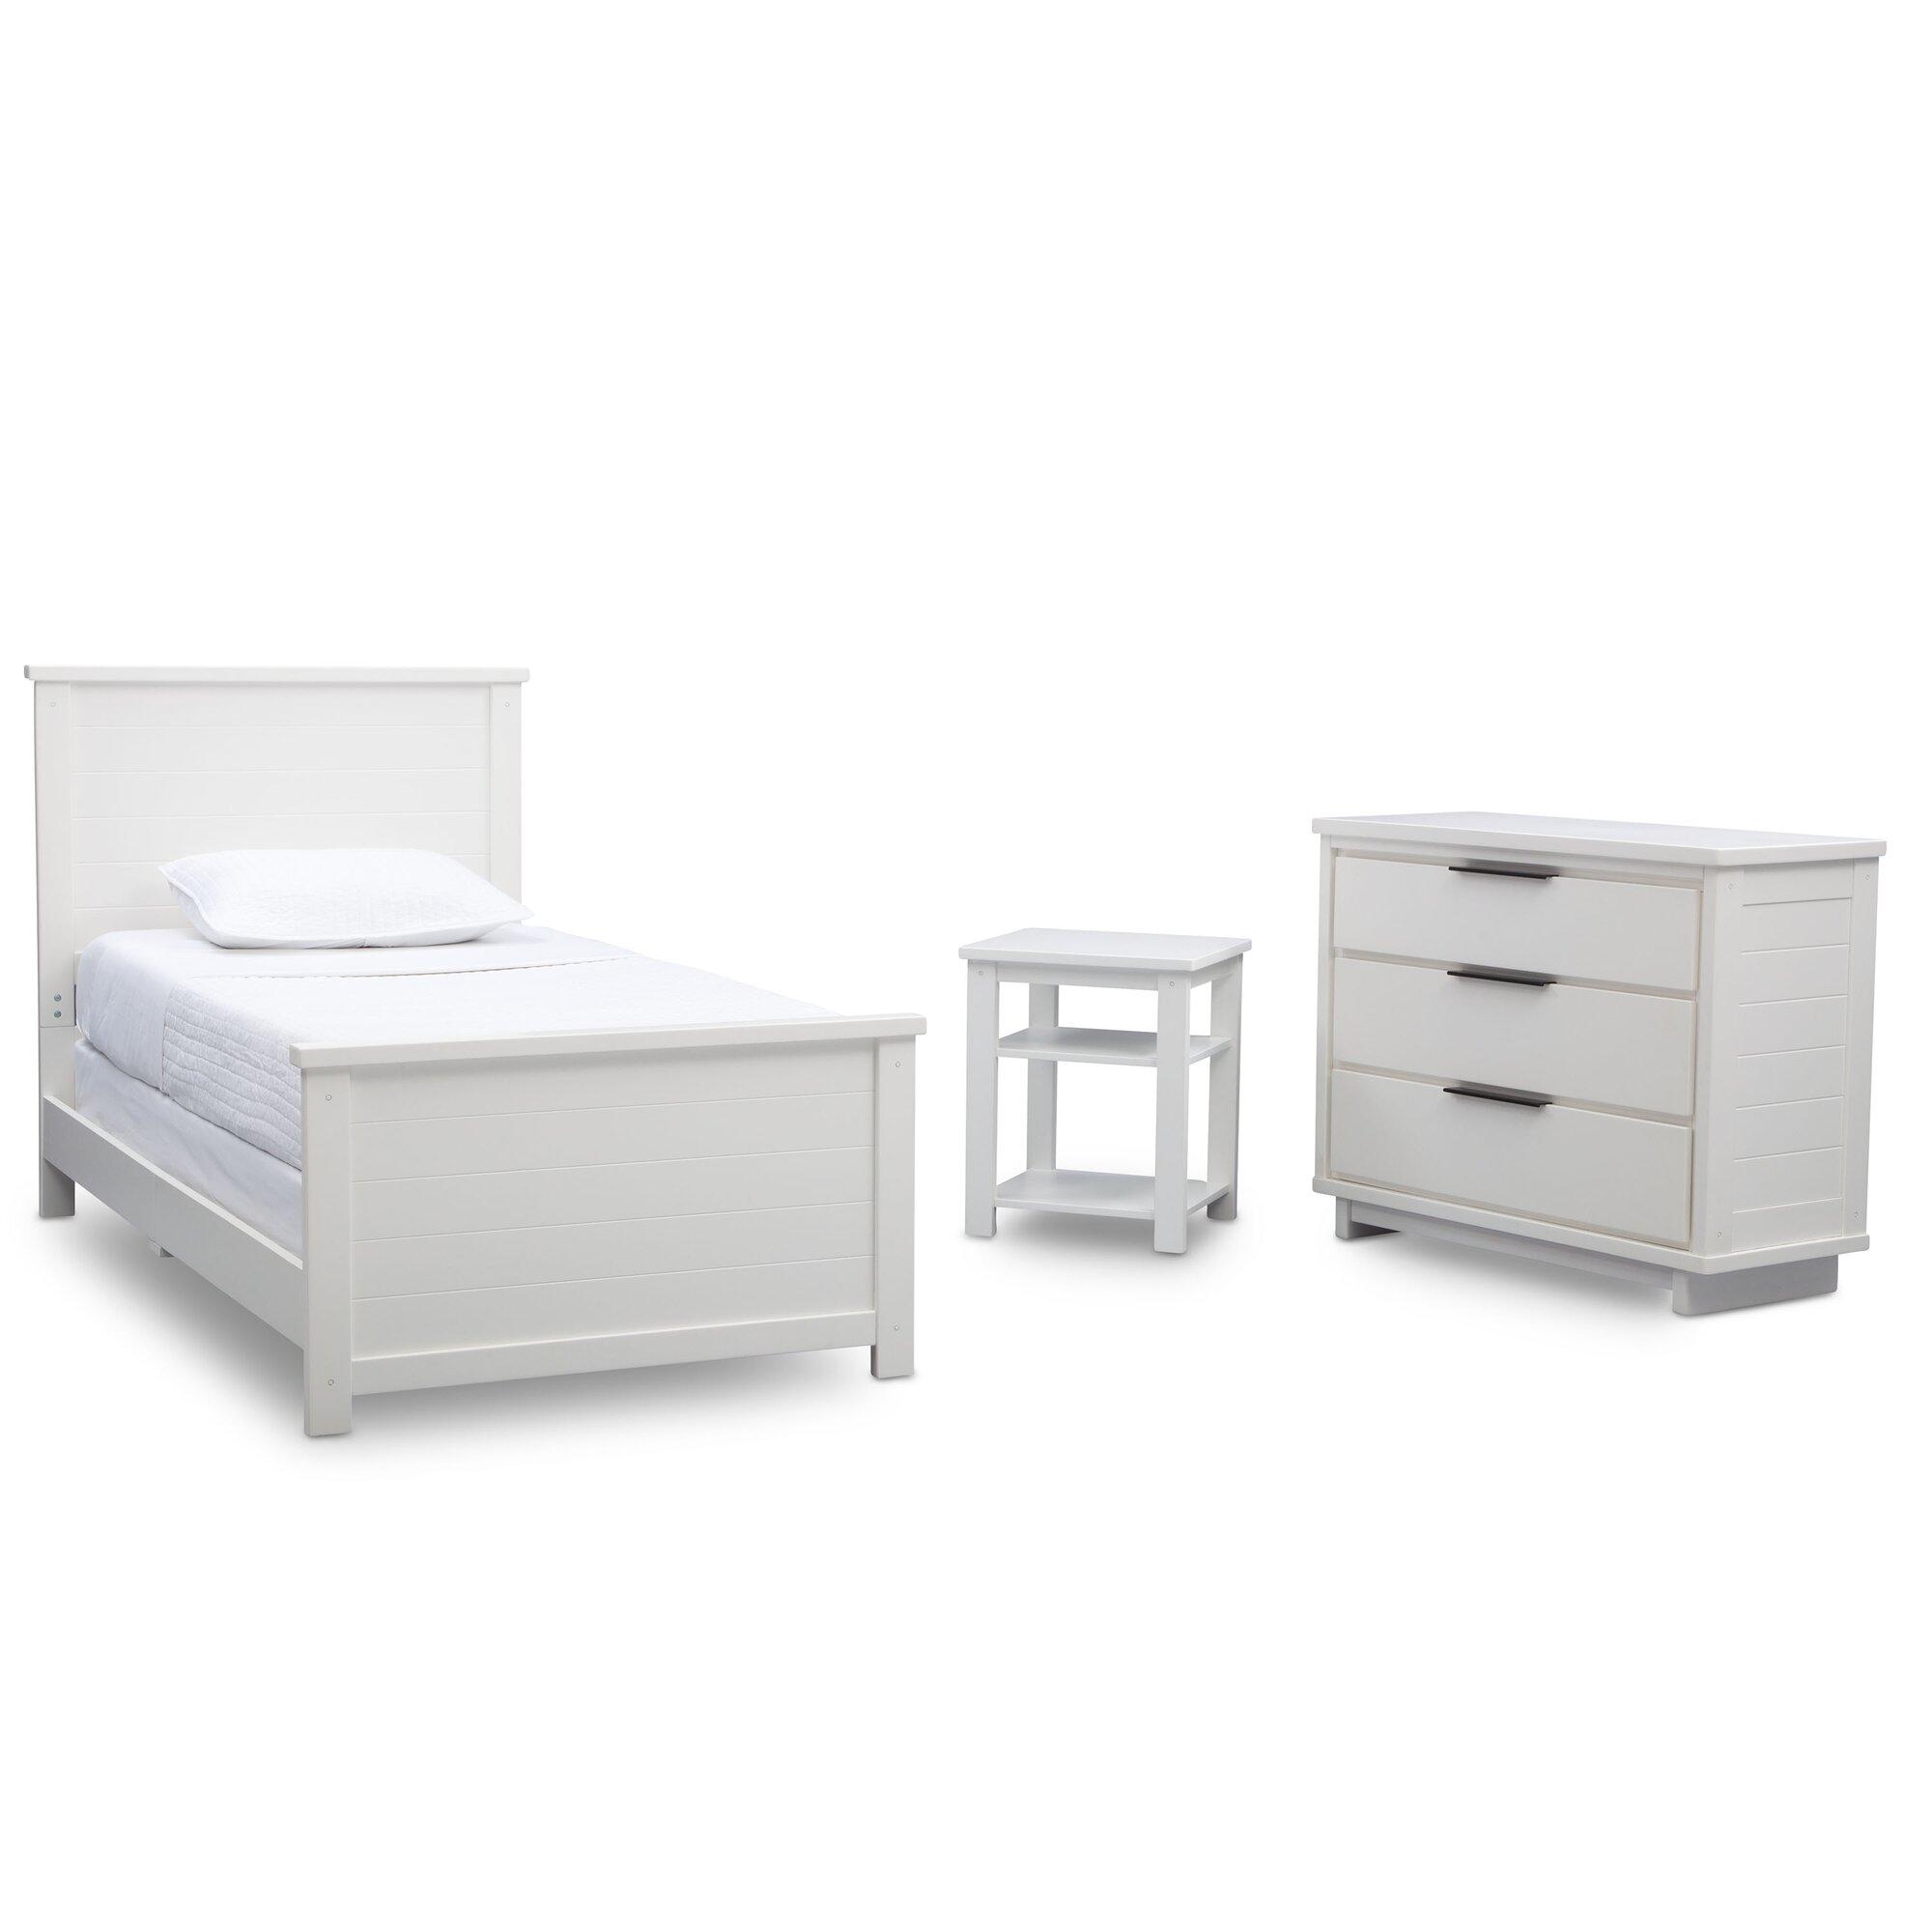 Meadowbrook Twin Panel 3piece Bedroom Set